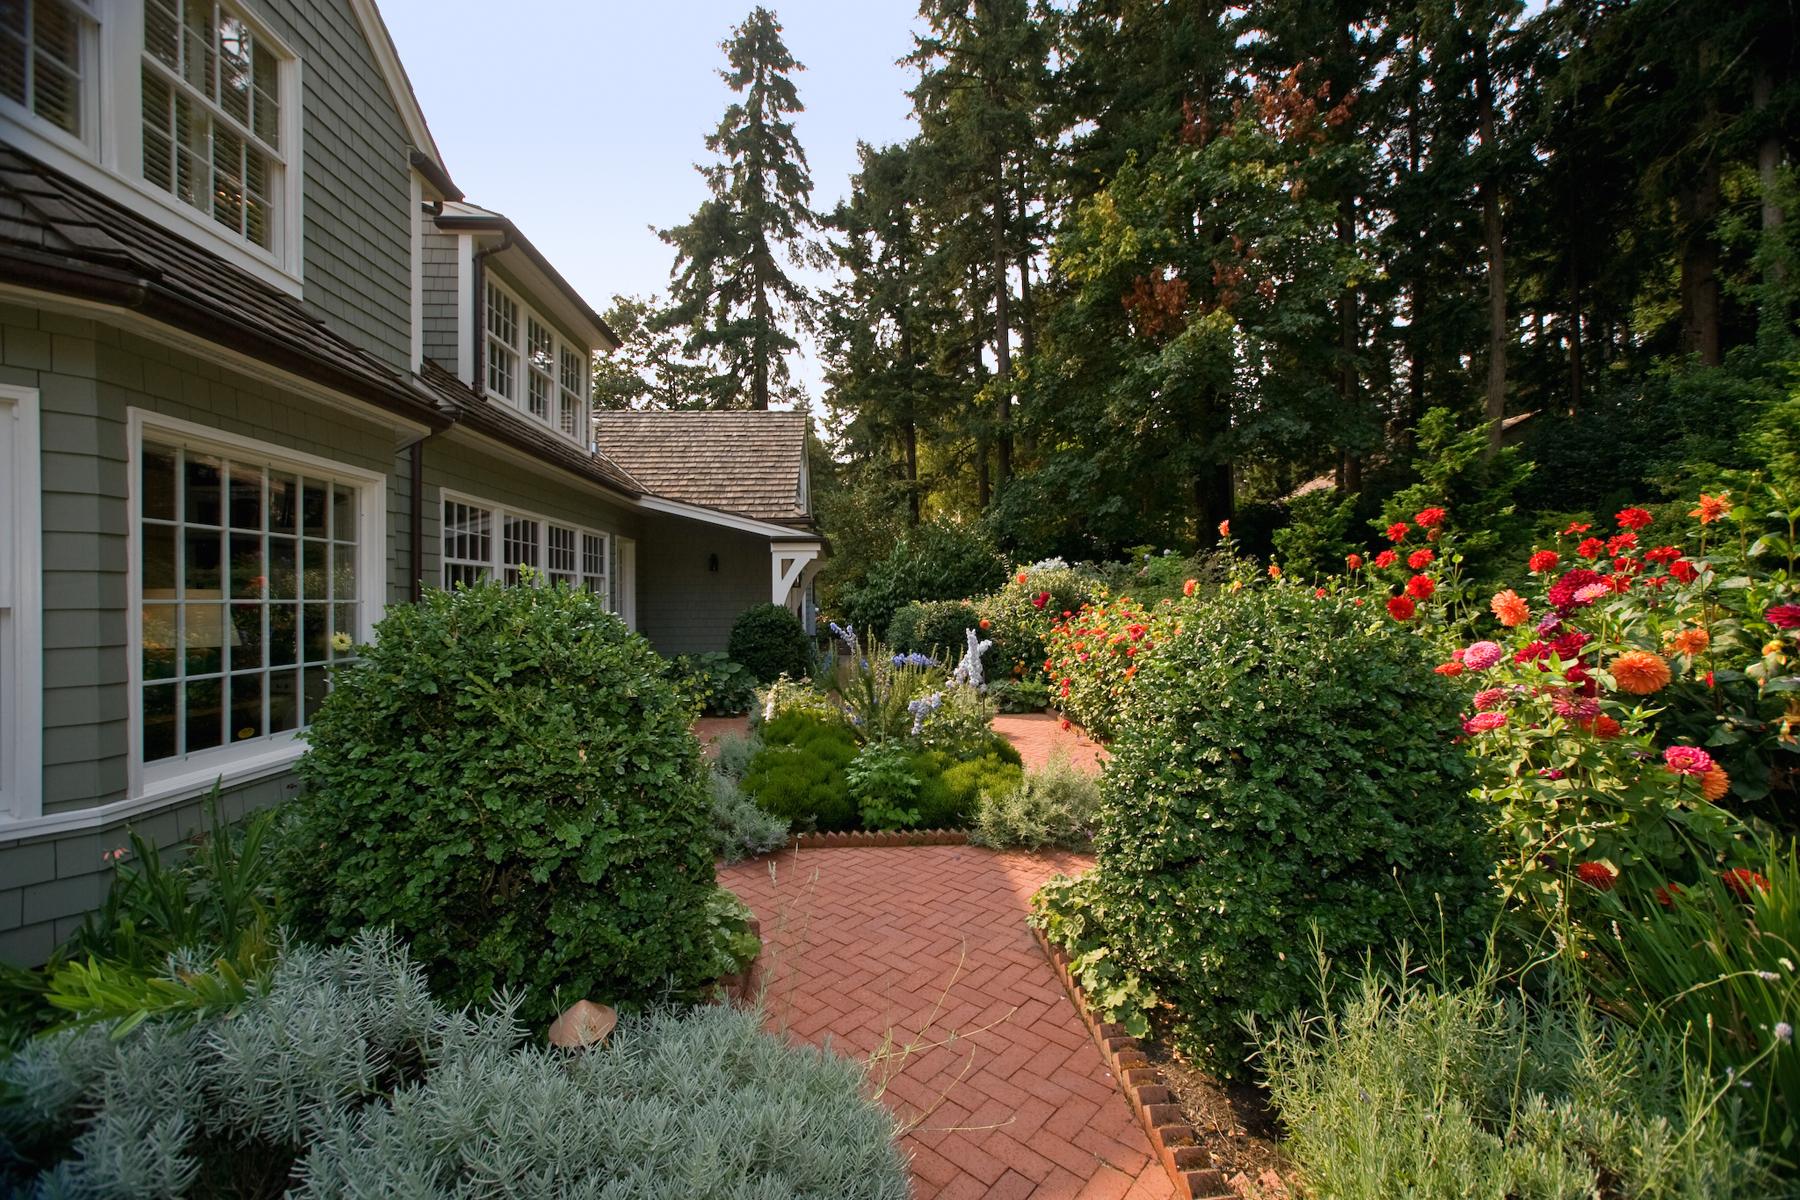 Additional photo for property listing at Breyman Avenue 12045 SW Breyman Avenue Portland, Ορεγκον,97219 Ηνωμενεσ Πολιτειεσ